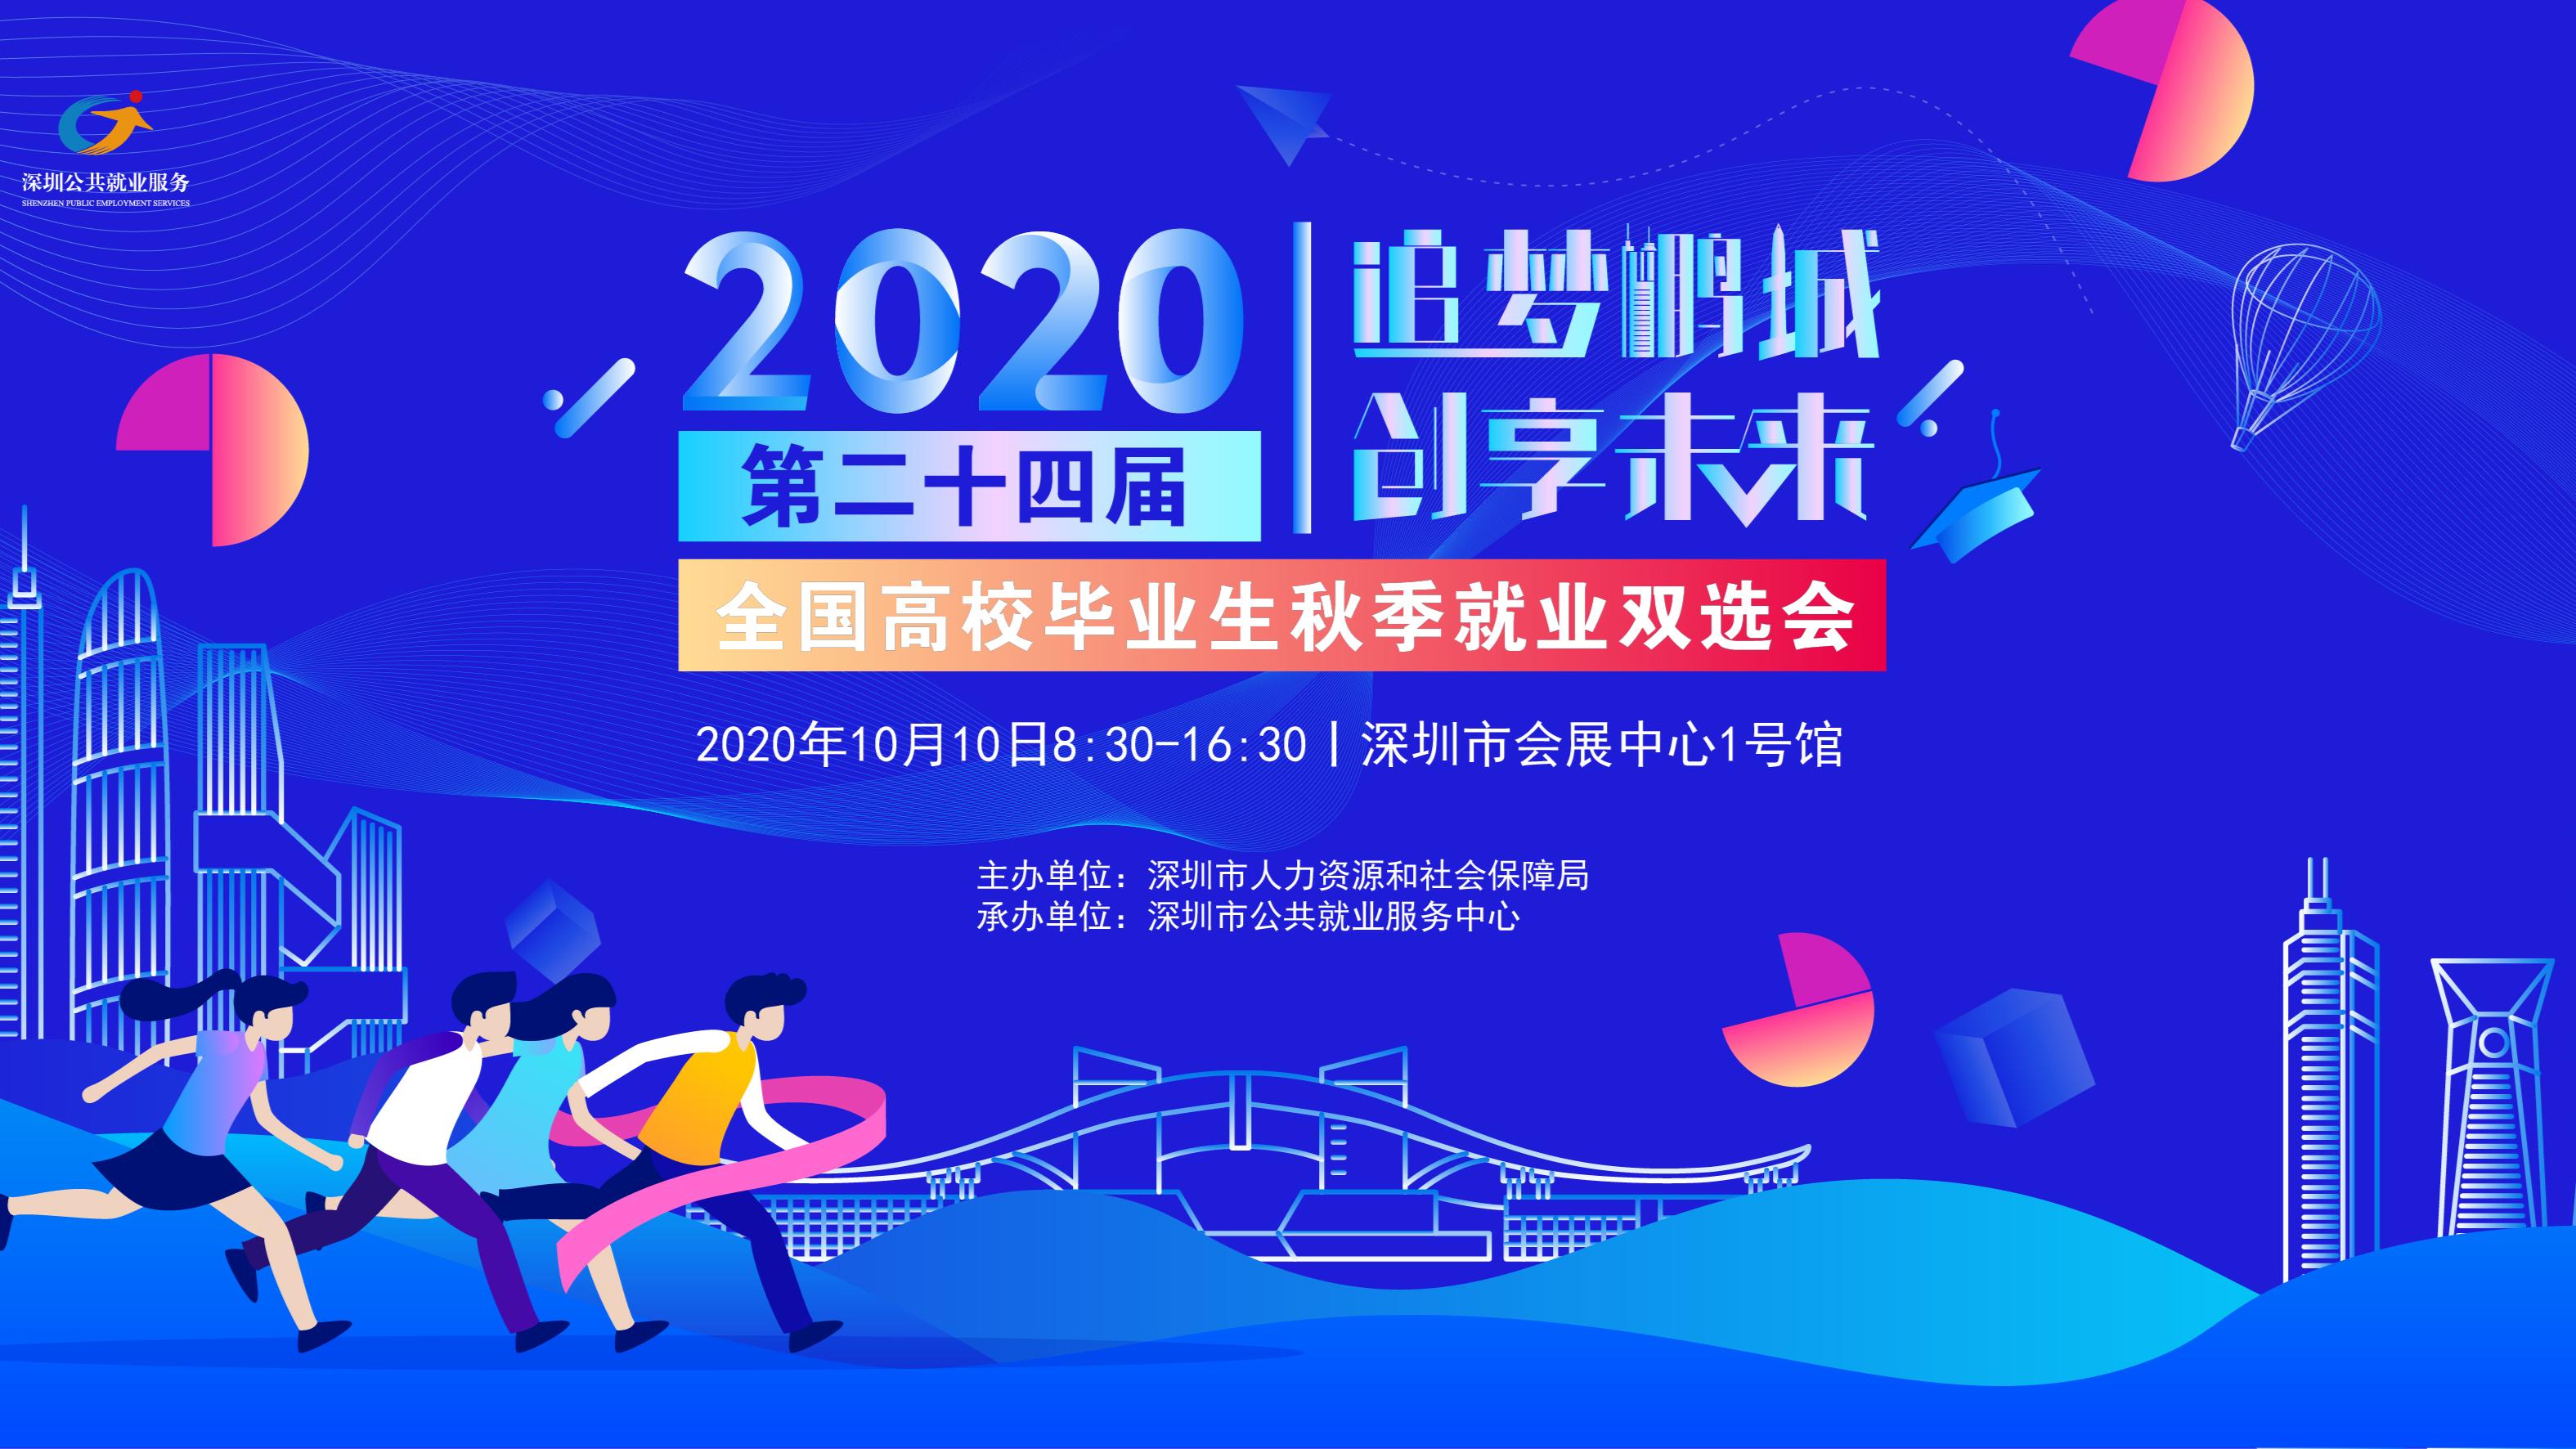 2020年第二十四届全国高校毕业生秋季就业双选会